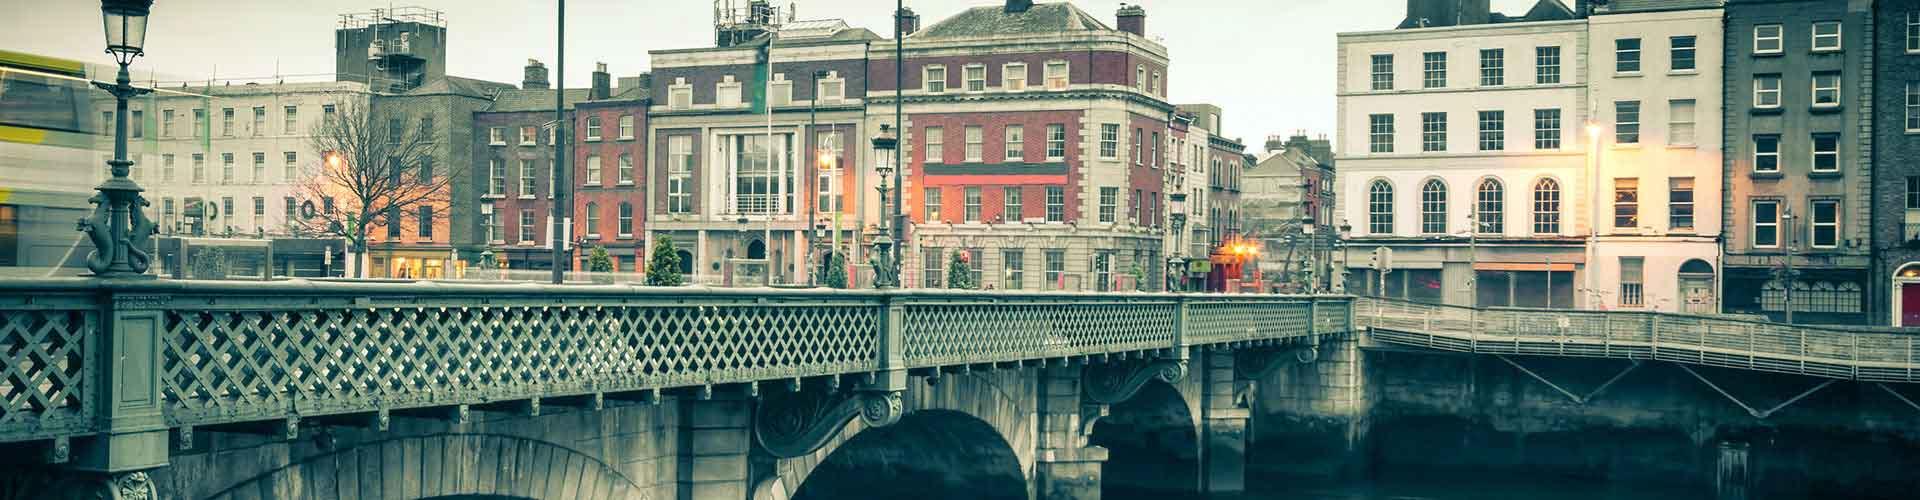 Dublin - Auberges de jeunesse dans le quartier de Sud Est de la ville intérieure. Cartes pour Dublin, photos et commentaires pour chaque auberge de jeunesse à Dublin.